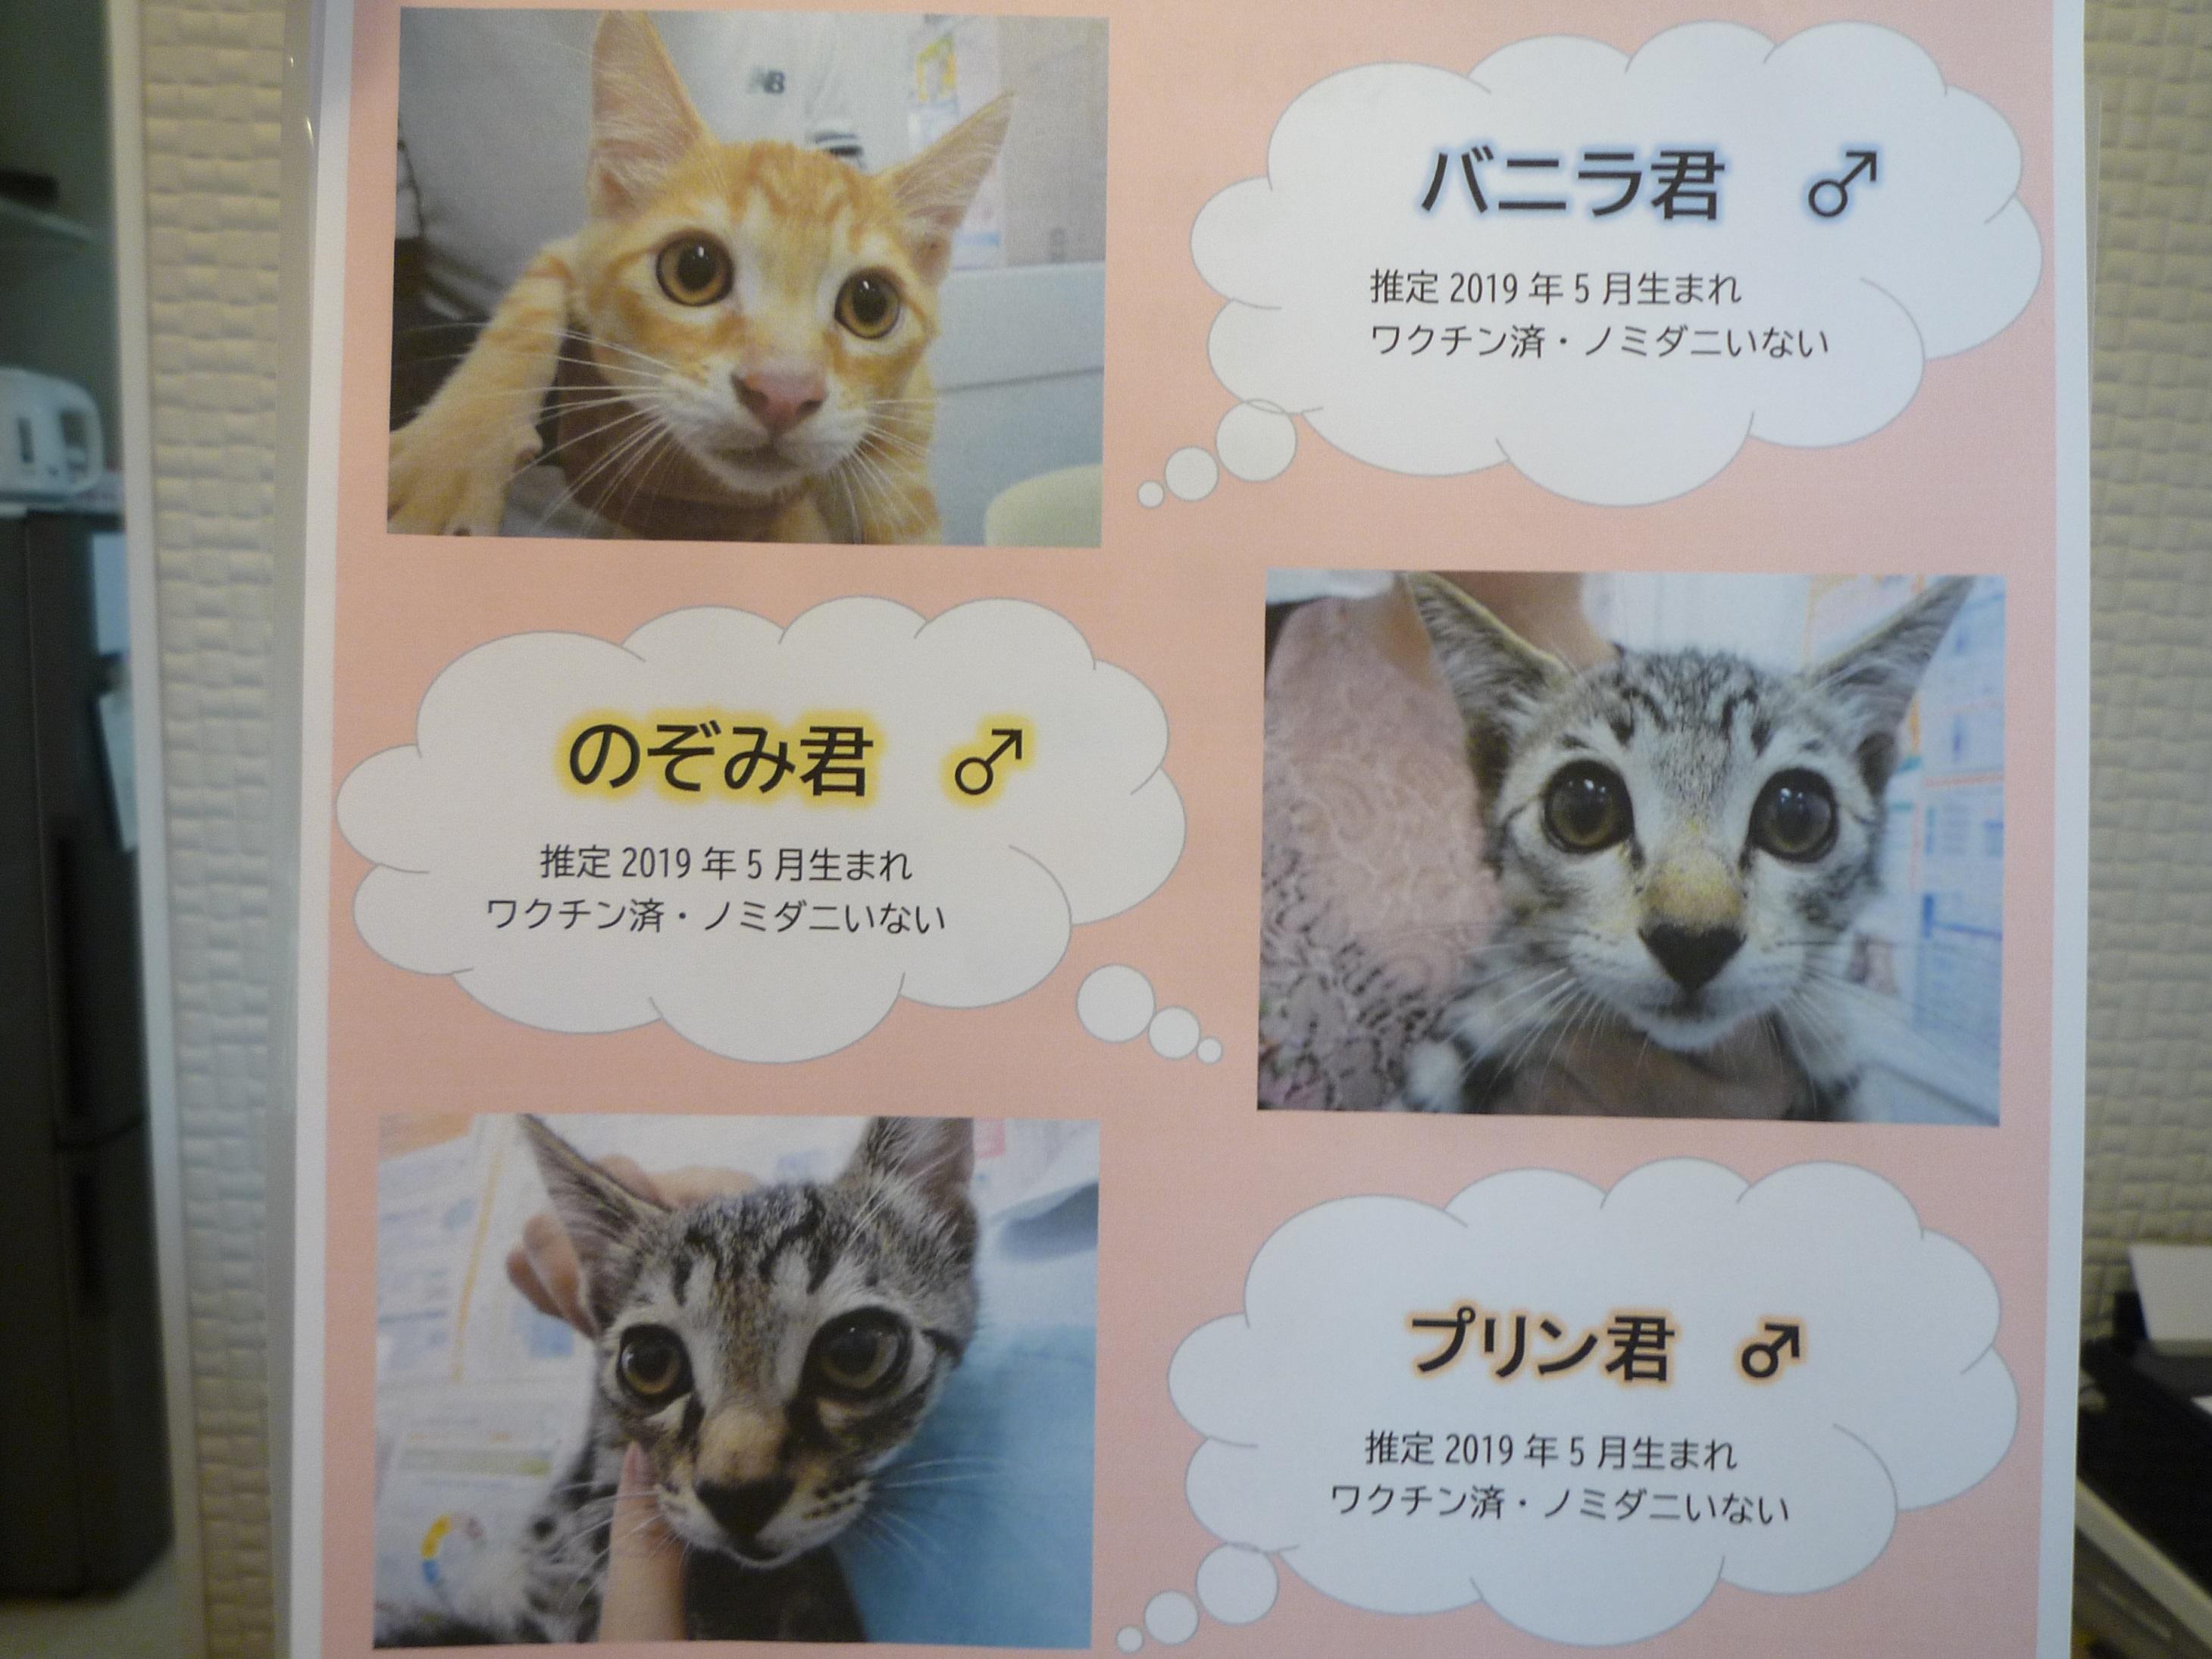 かがみ動物病院ブログ   かがみ動物病院(佐賀県唐津市鏡)